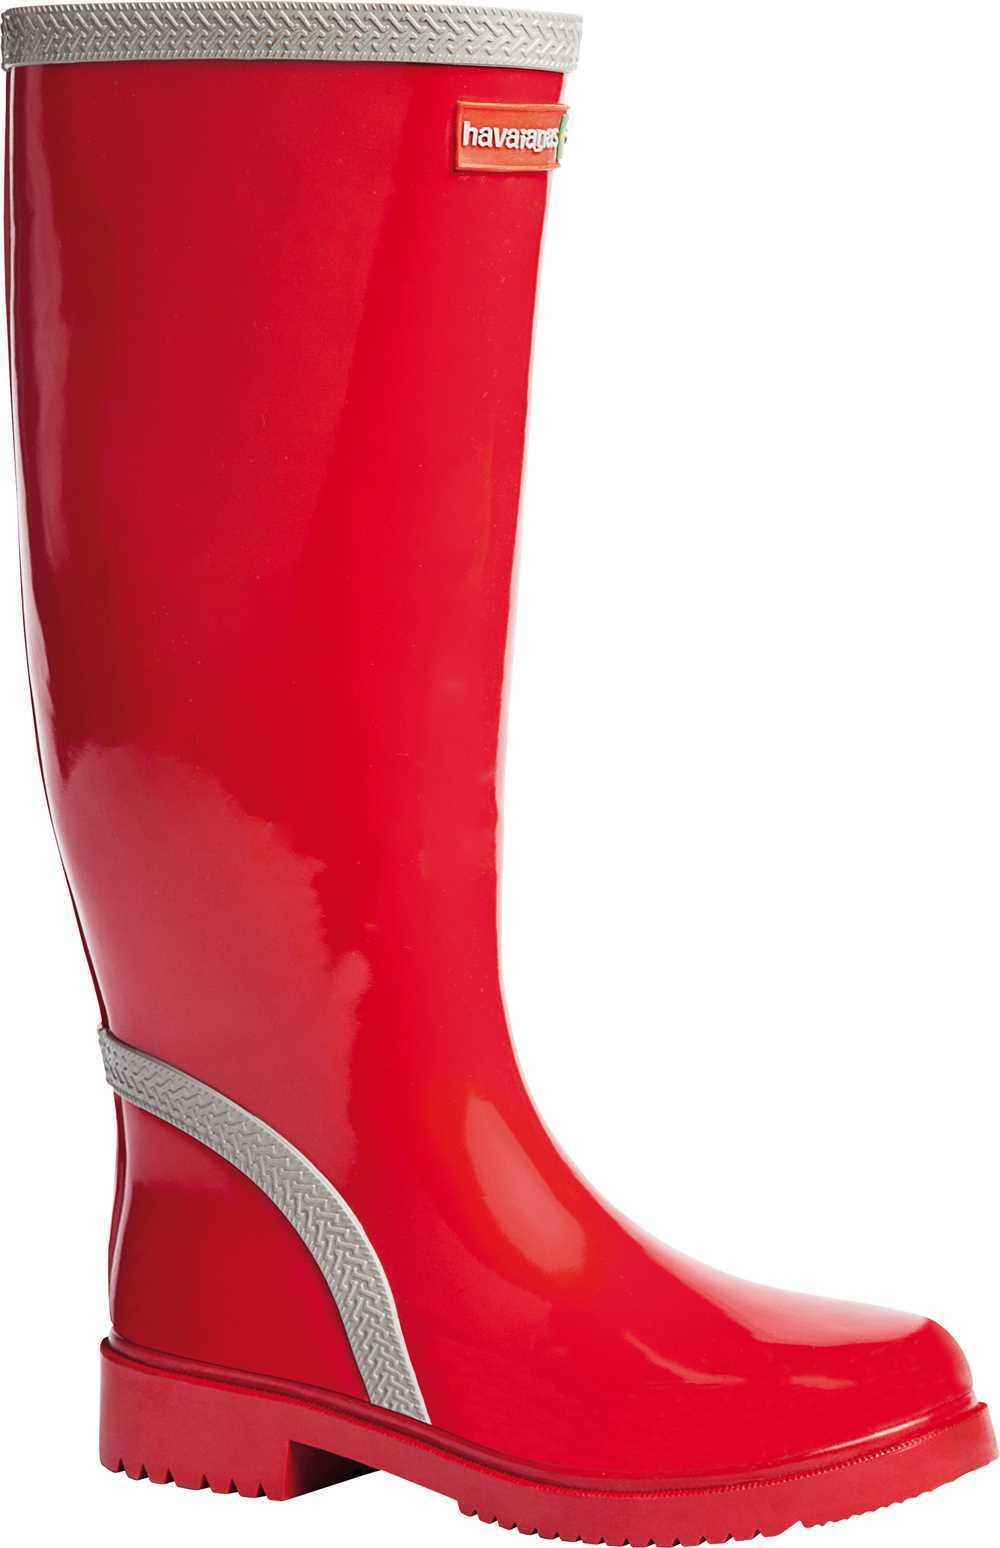 garantito Havaiana Tall Tall Tall Donna Stivali Rosso Grigio EU 36-EU 42  confortevole